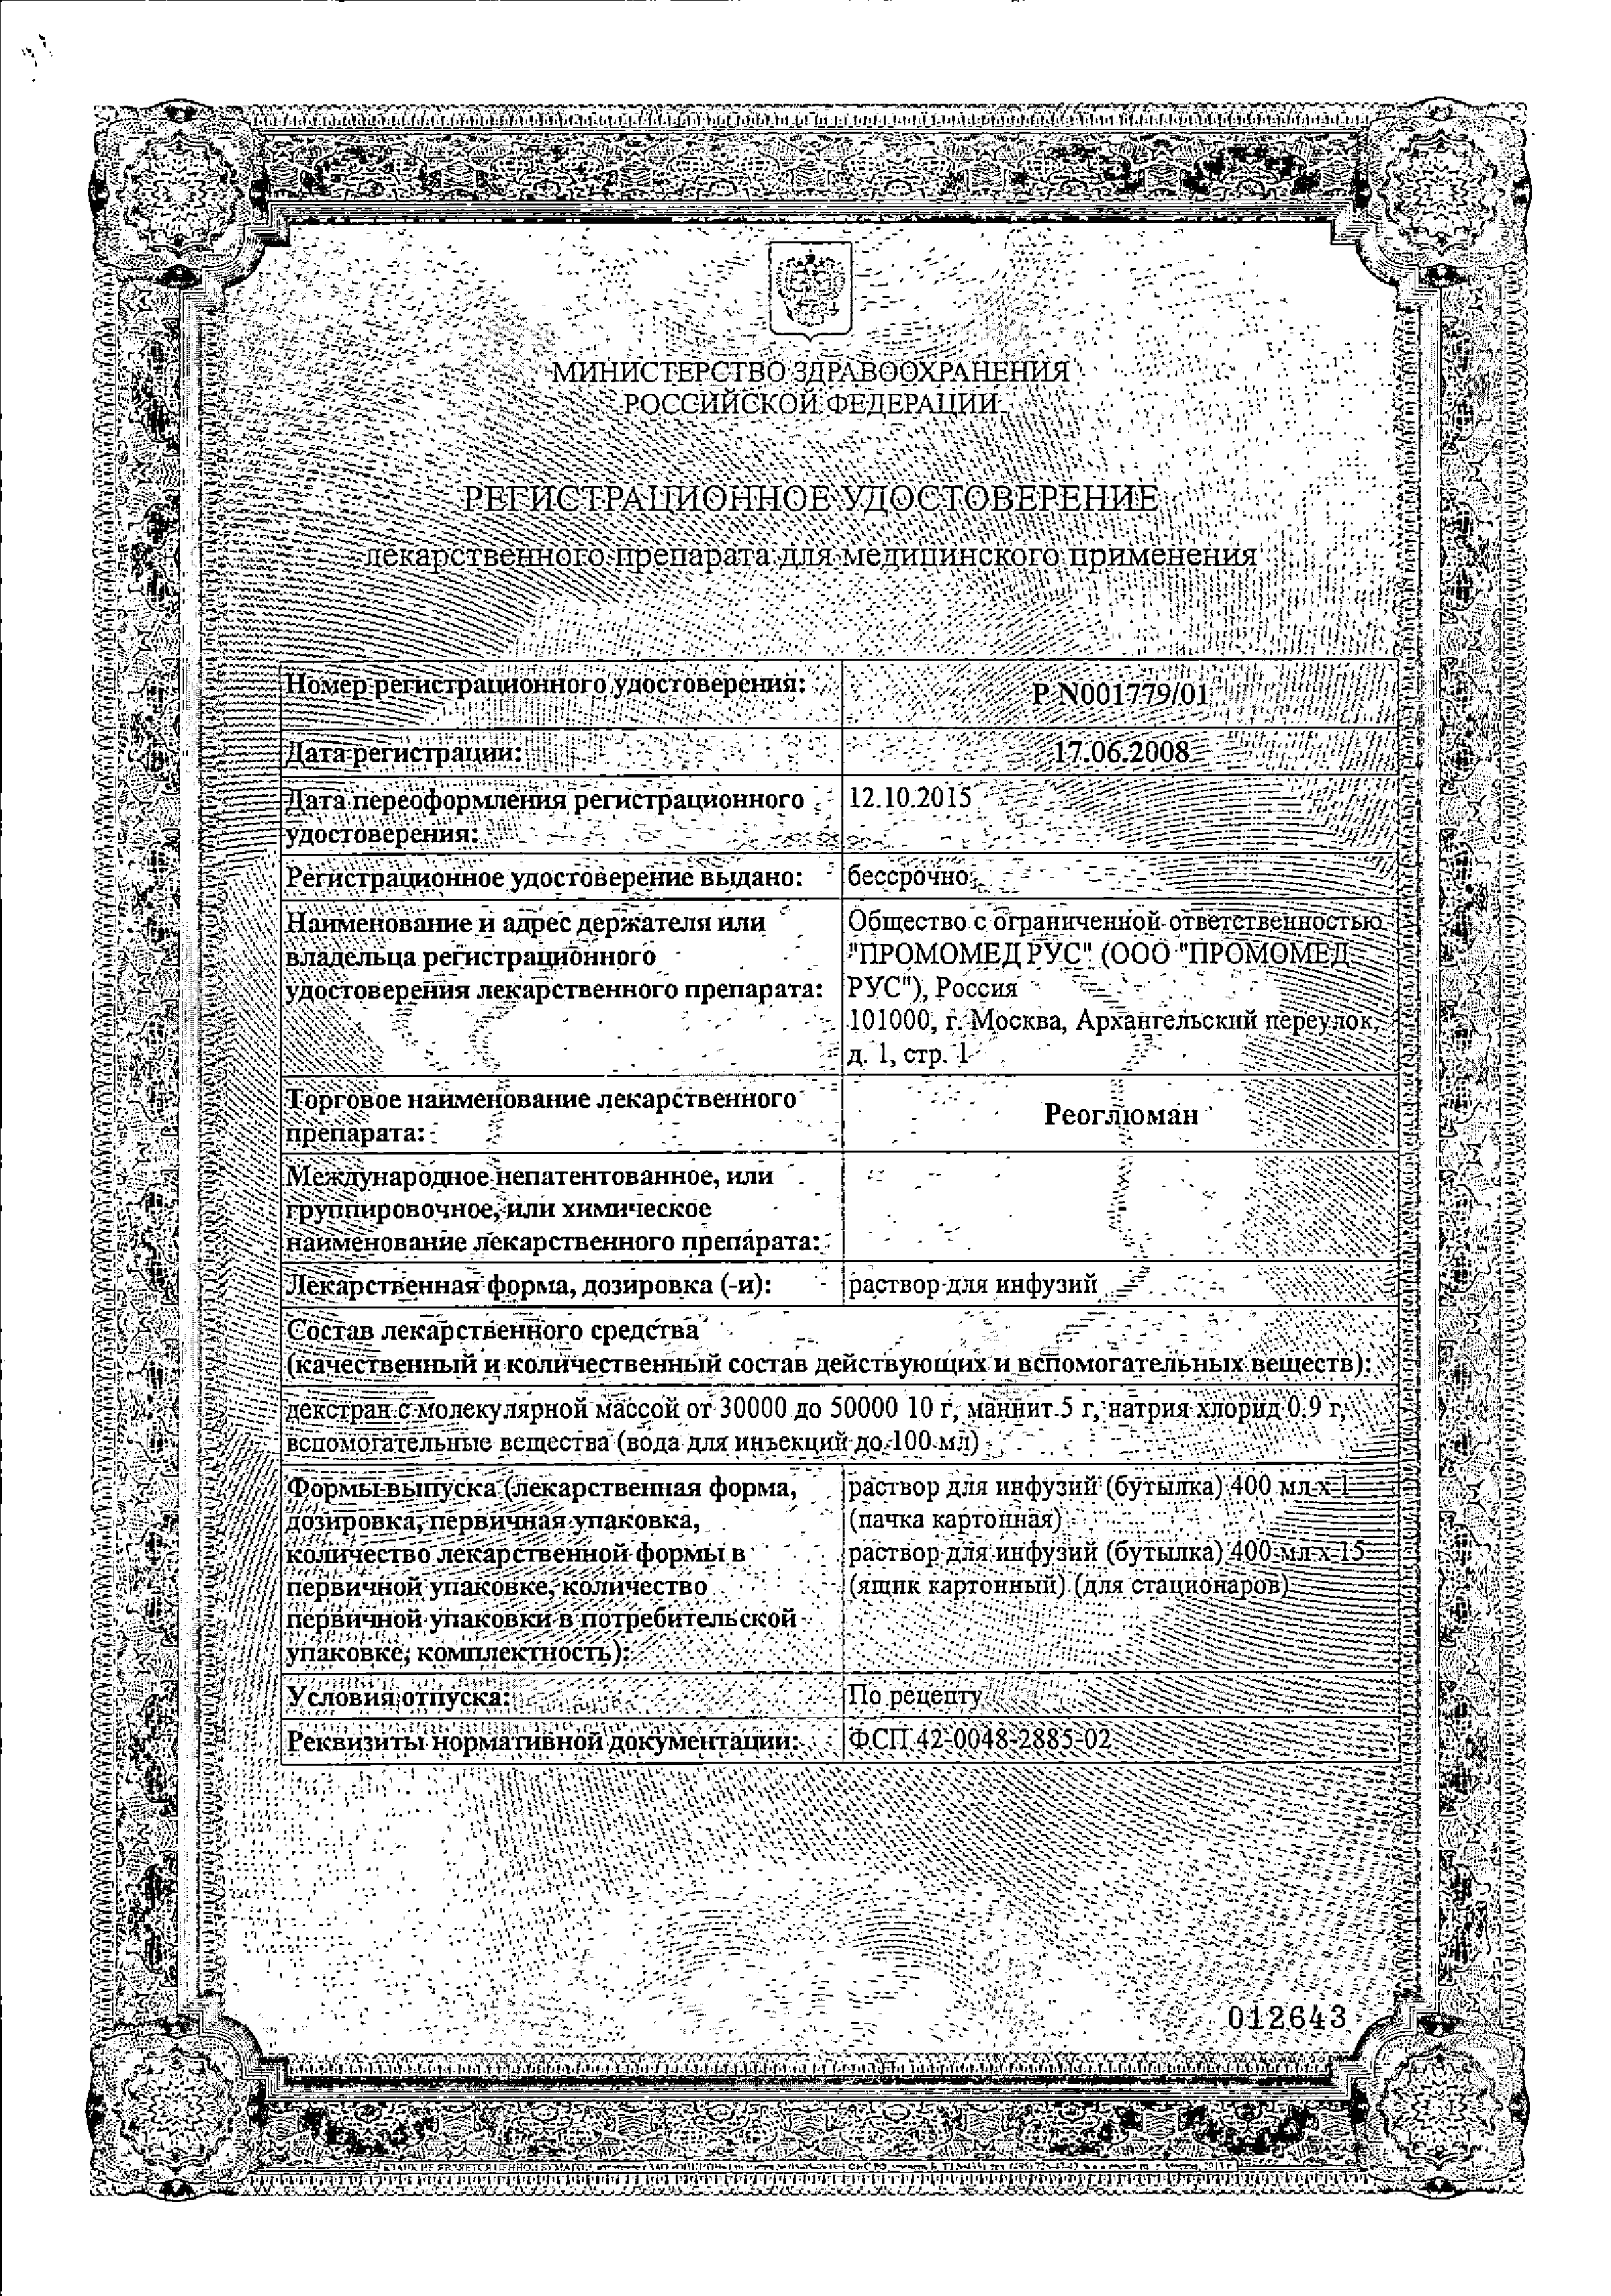 Реоглюман сертификат